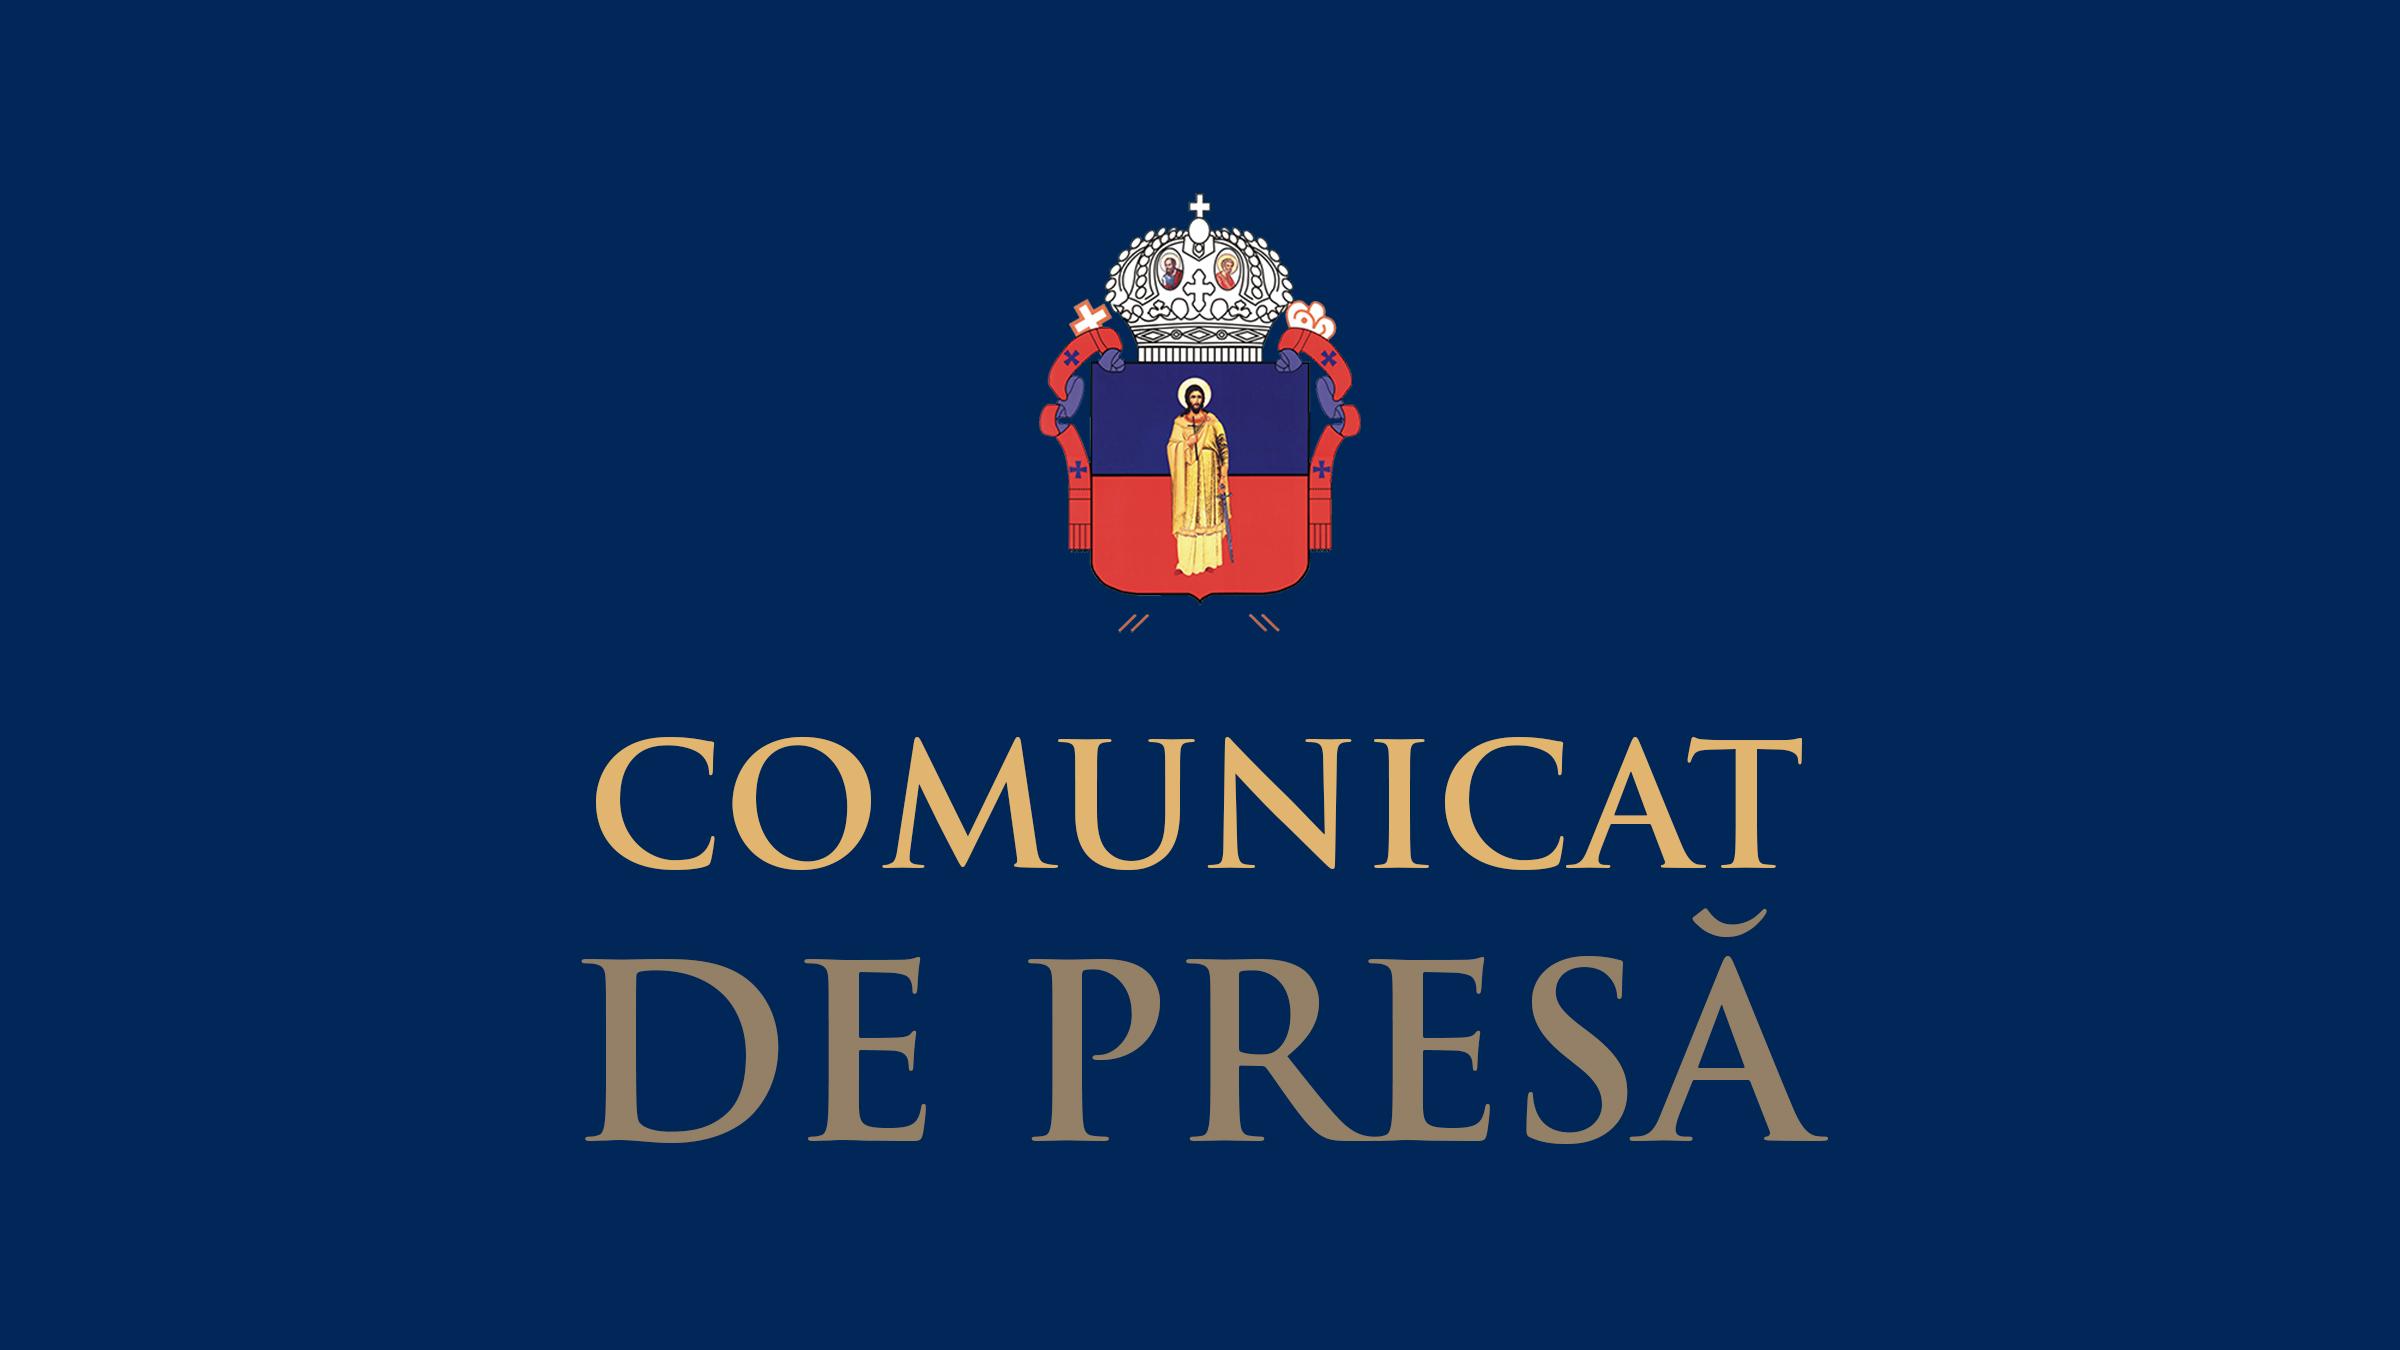 comunicat_de_presa_3